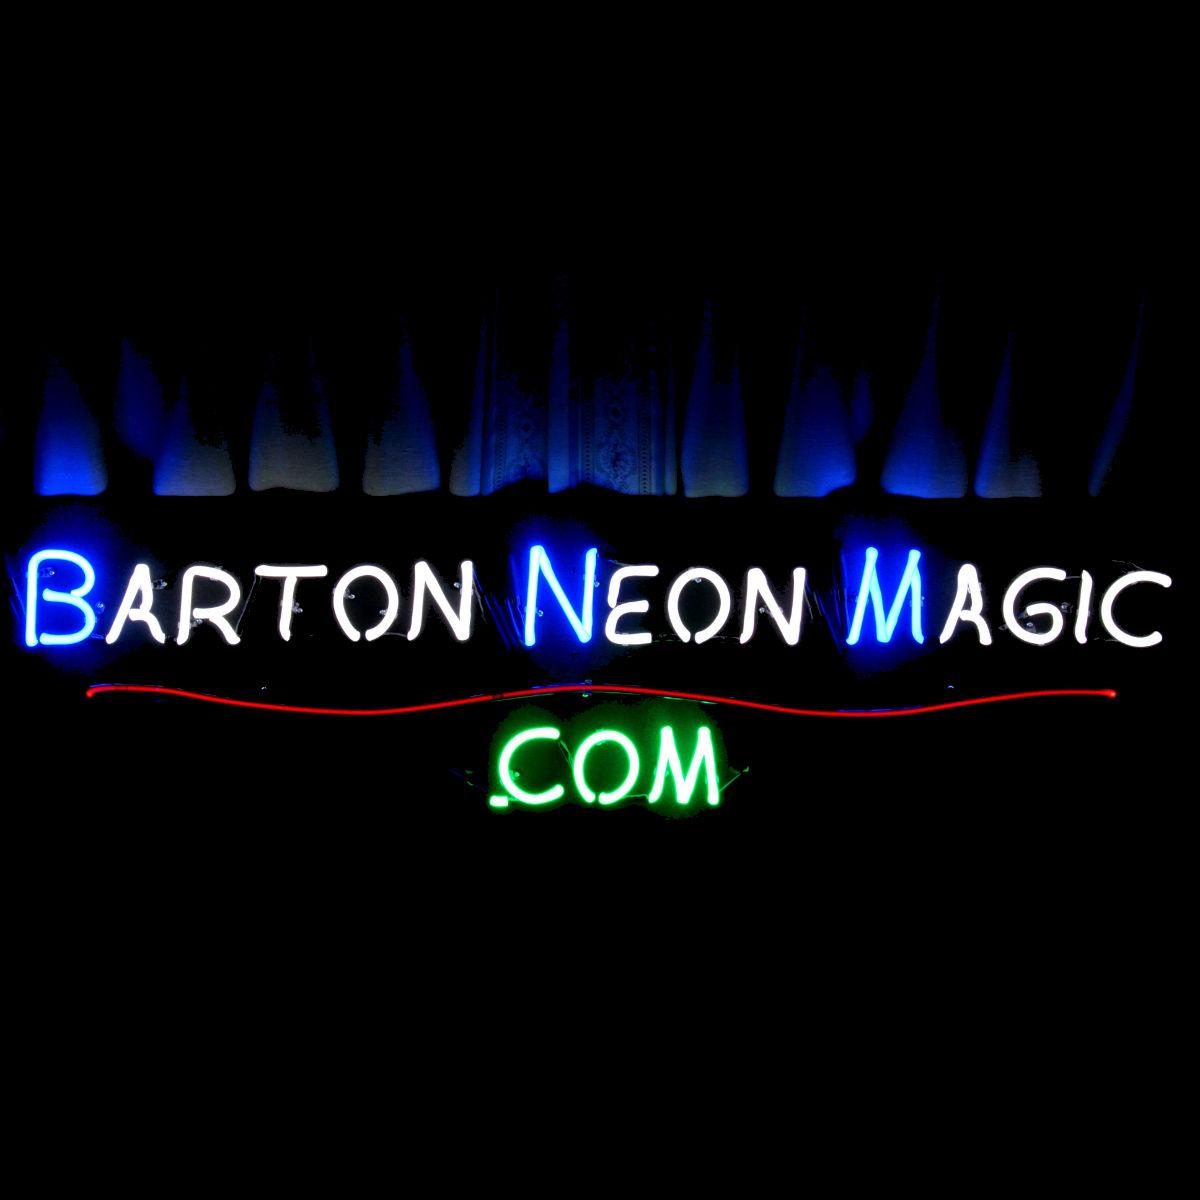 Packard original script Dealership Neon Signs by John Barton - former Packard New Car Dealer - BartonNeonMagic.com